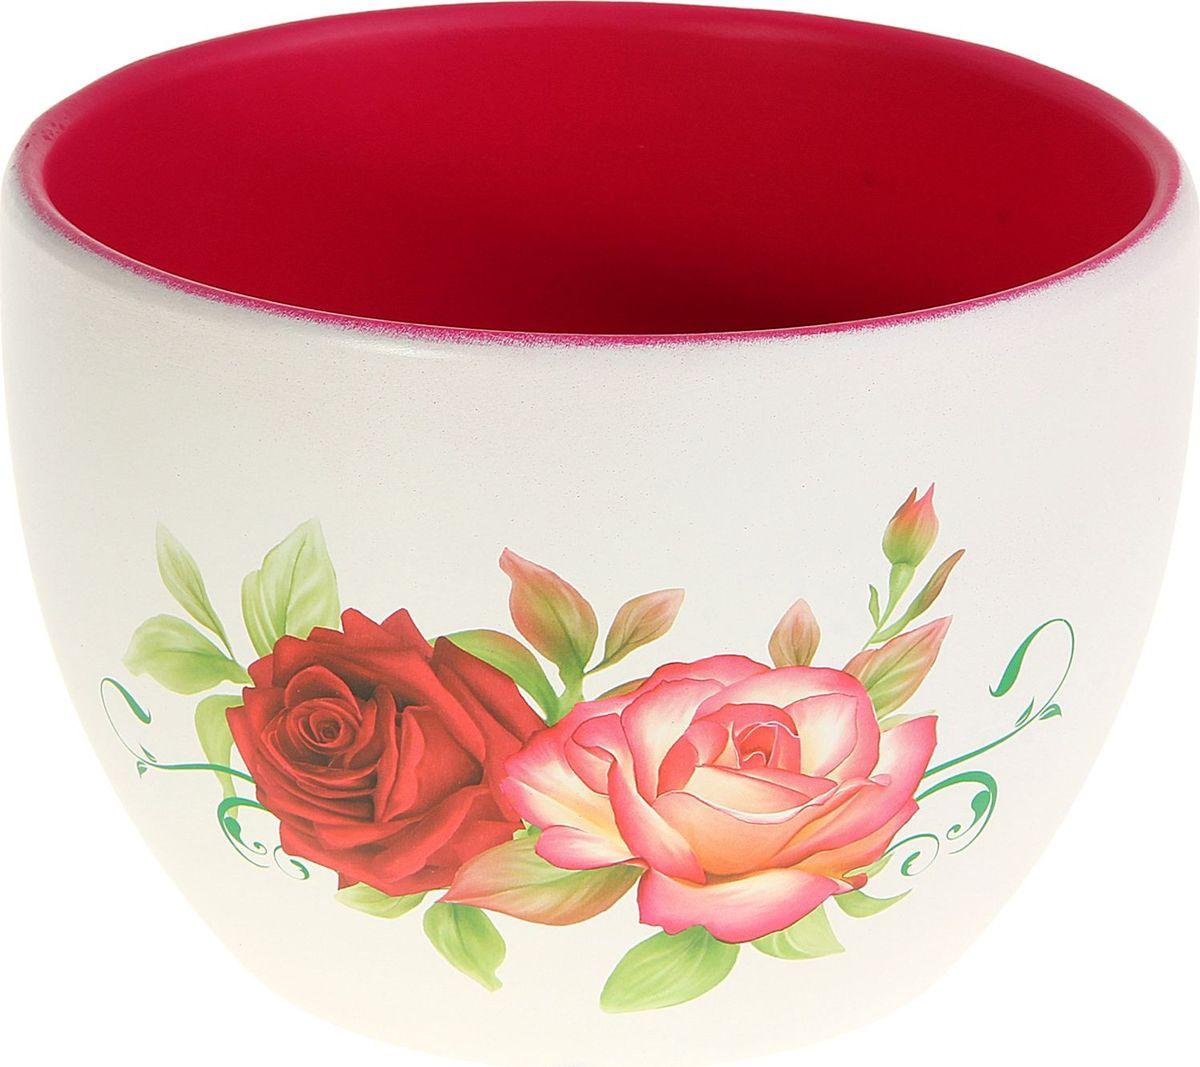 Кашпо Розы в саду, 11 х 17 х 13 см829785Комнатные растения — всеобщие любимцы. Они радуют глаз, насыщают помещение кислородом и украшают пространство. Каждому из них необходим свой удобный и красивый дом. Кашпо из керамики прекрасно подходят для высадки растений: за счёт пластичности глины и разных способов обработки существует великое множество форм и дизайновпористый материал позволяет испаряться лишней влагевоздух, необходимый для дыхания корней, проникает сквозь керамические стенки! #name# позаботится о зелёном питомце, освежит интерьер и подчеркнёт его стиль.